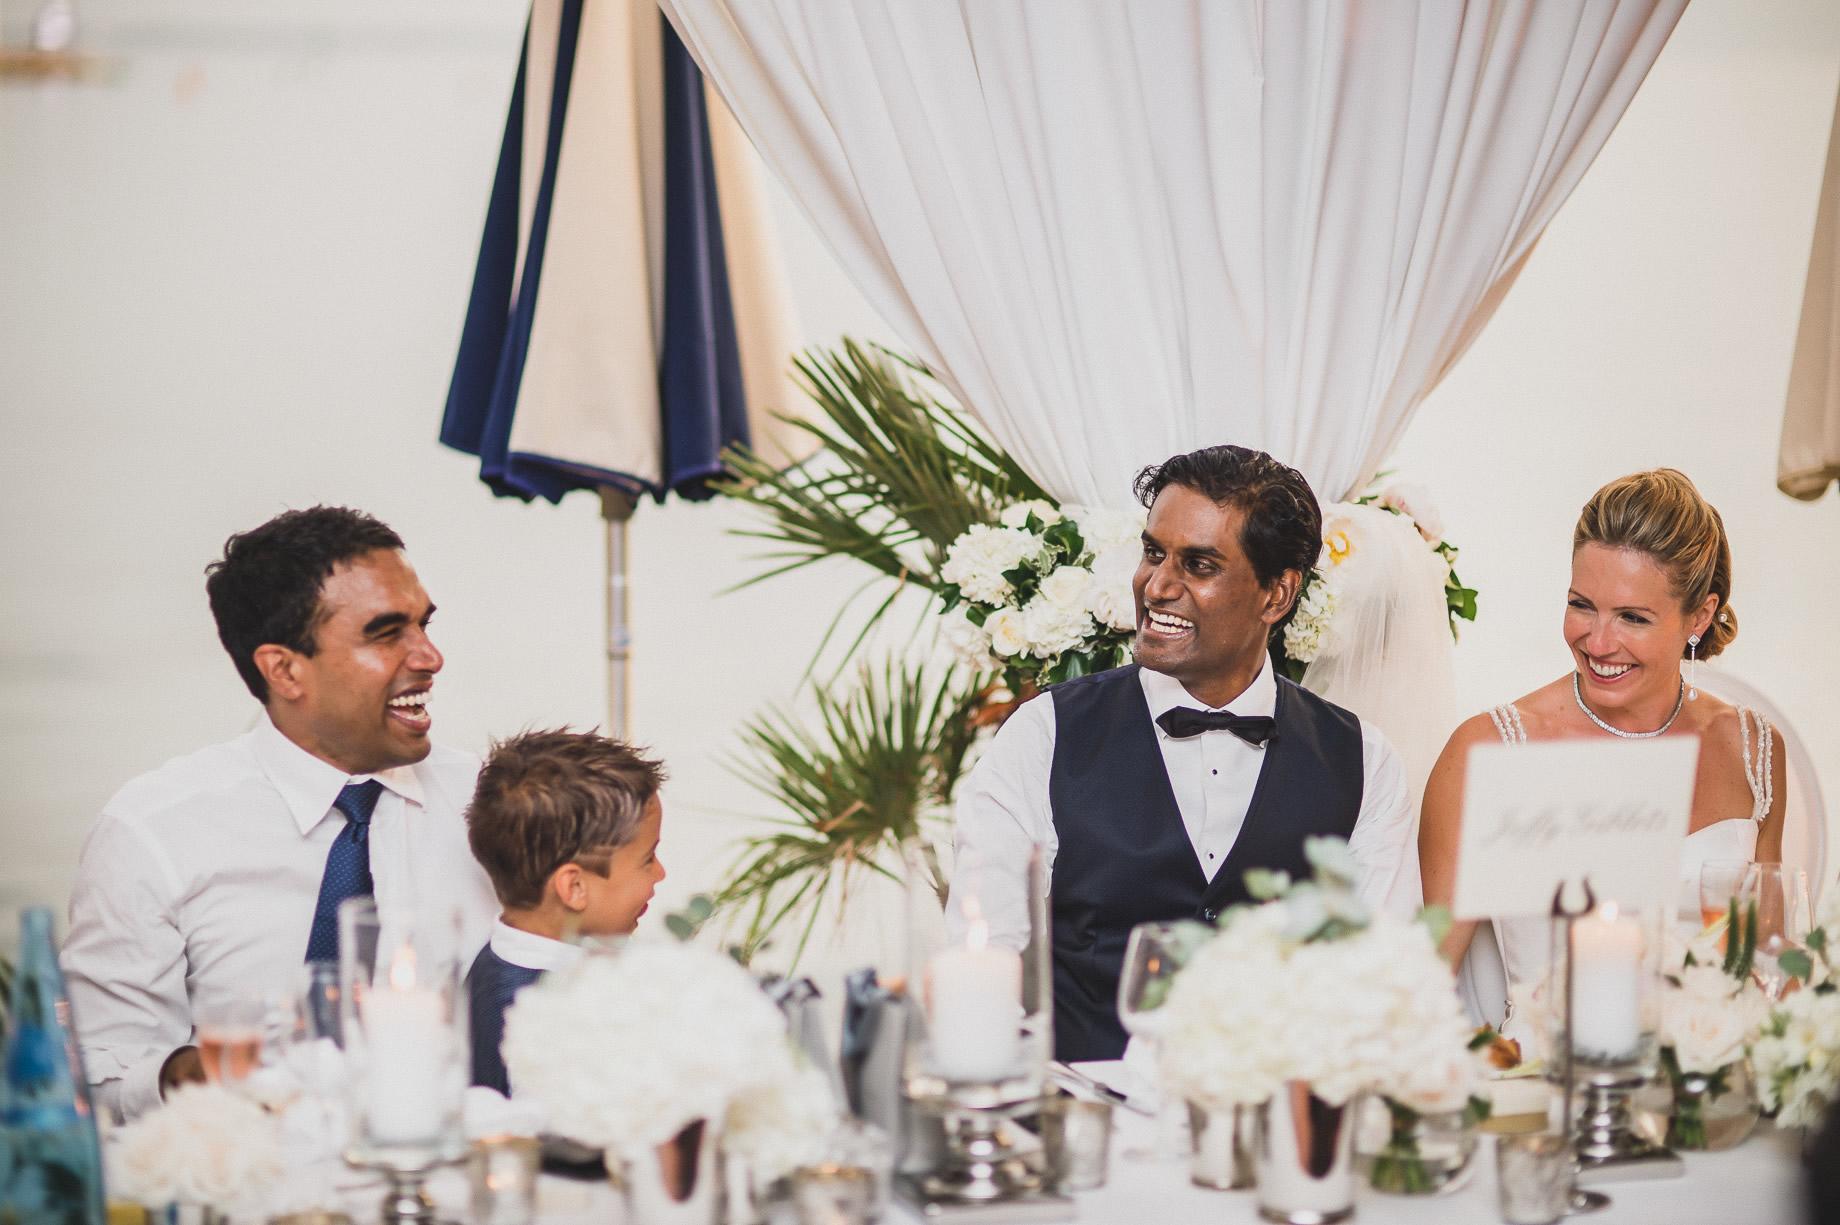 Jen and Priyan's Wedding at Hotel Belles Rives 148